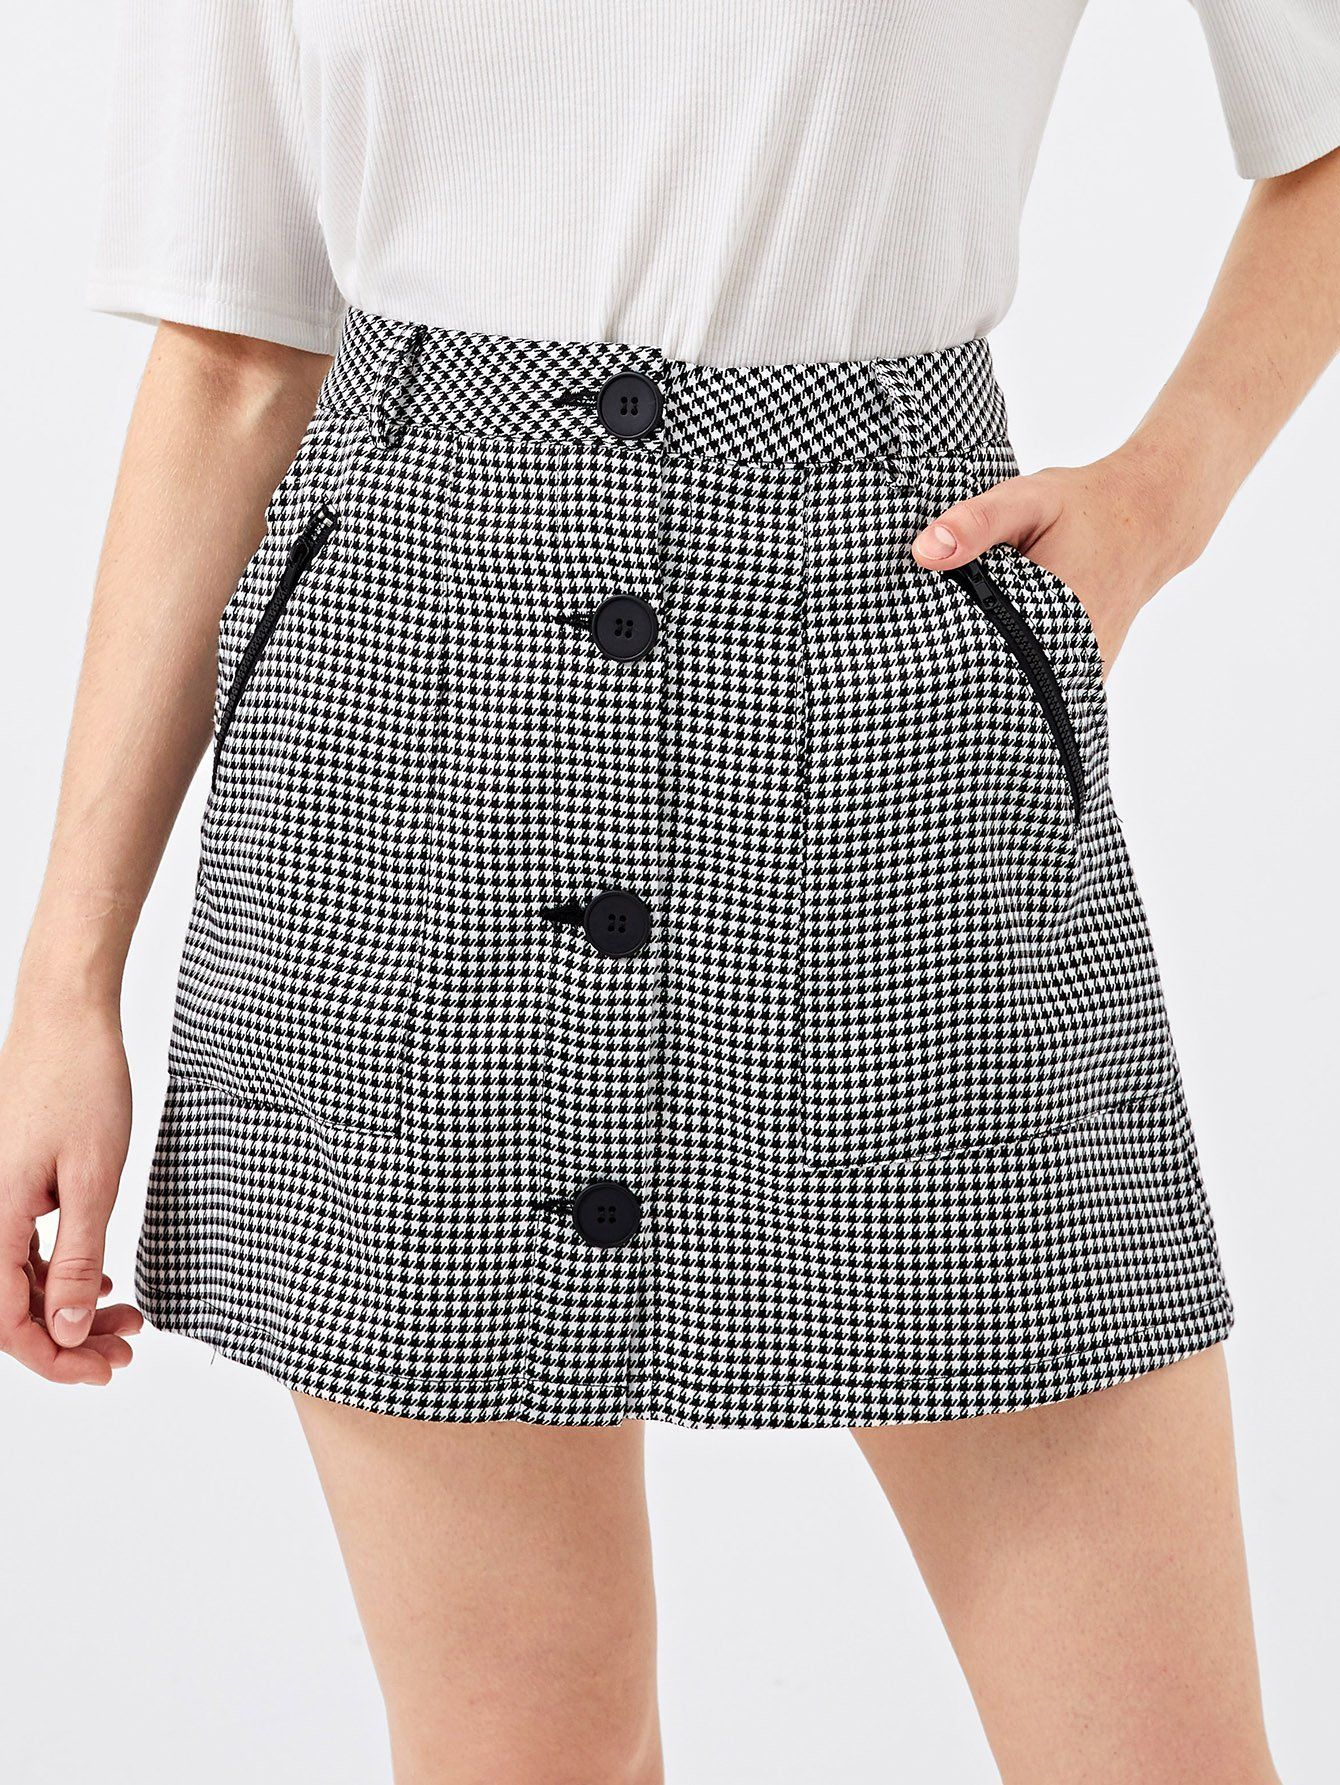 7263b6972 Button Up Houndstooth Skirt en 2019 | ropa | Traje de falda, Ropa y ...